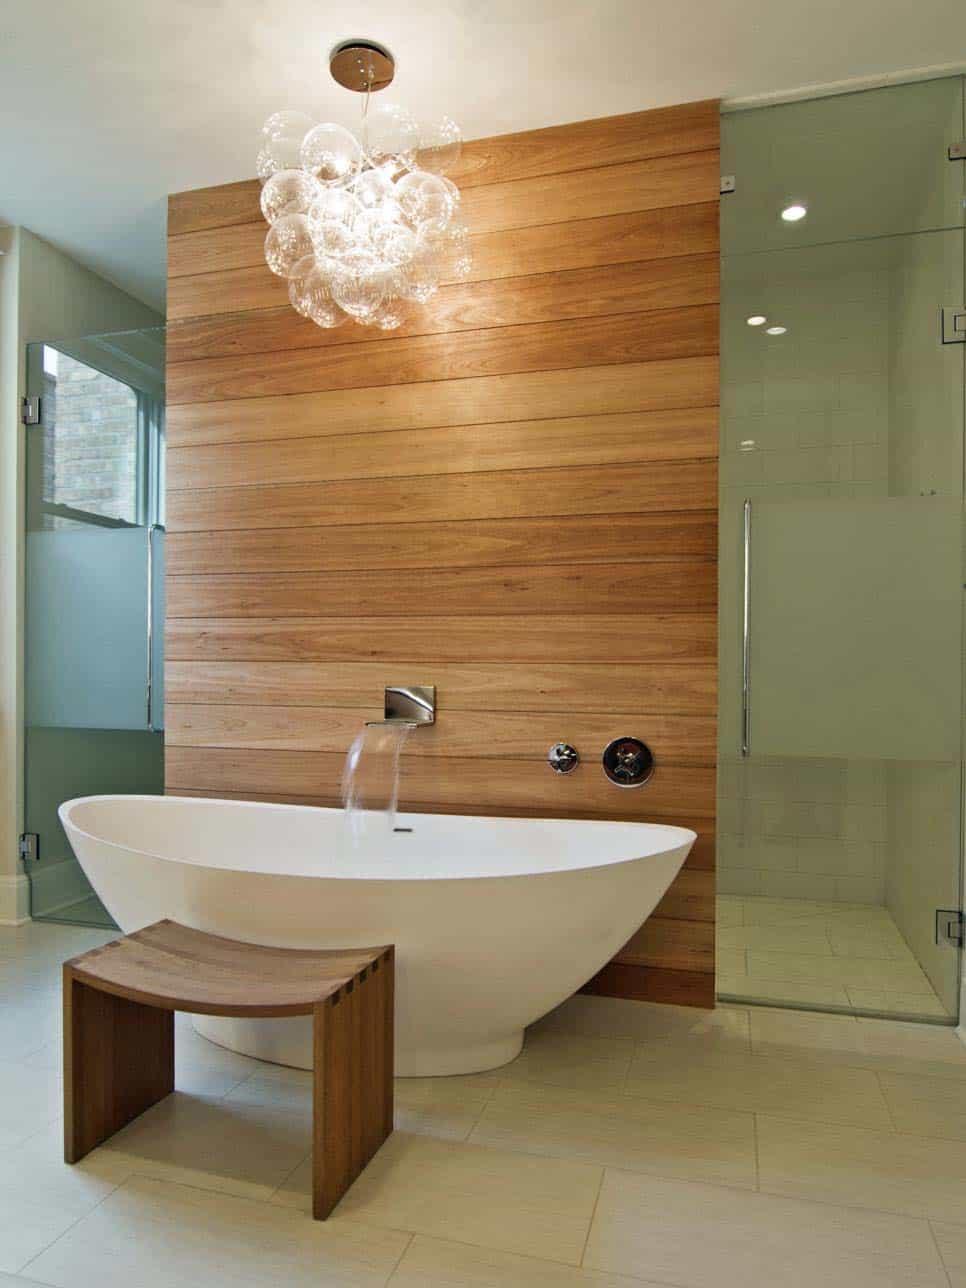 Freestanding-Tubs-Bathroom-Ideas-19-1 Kindesign